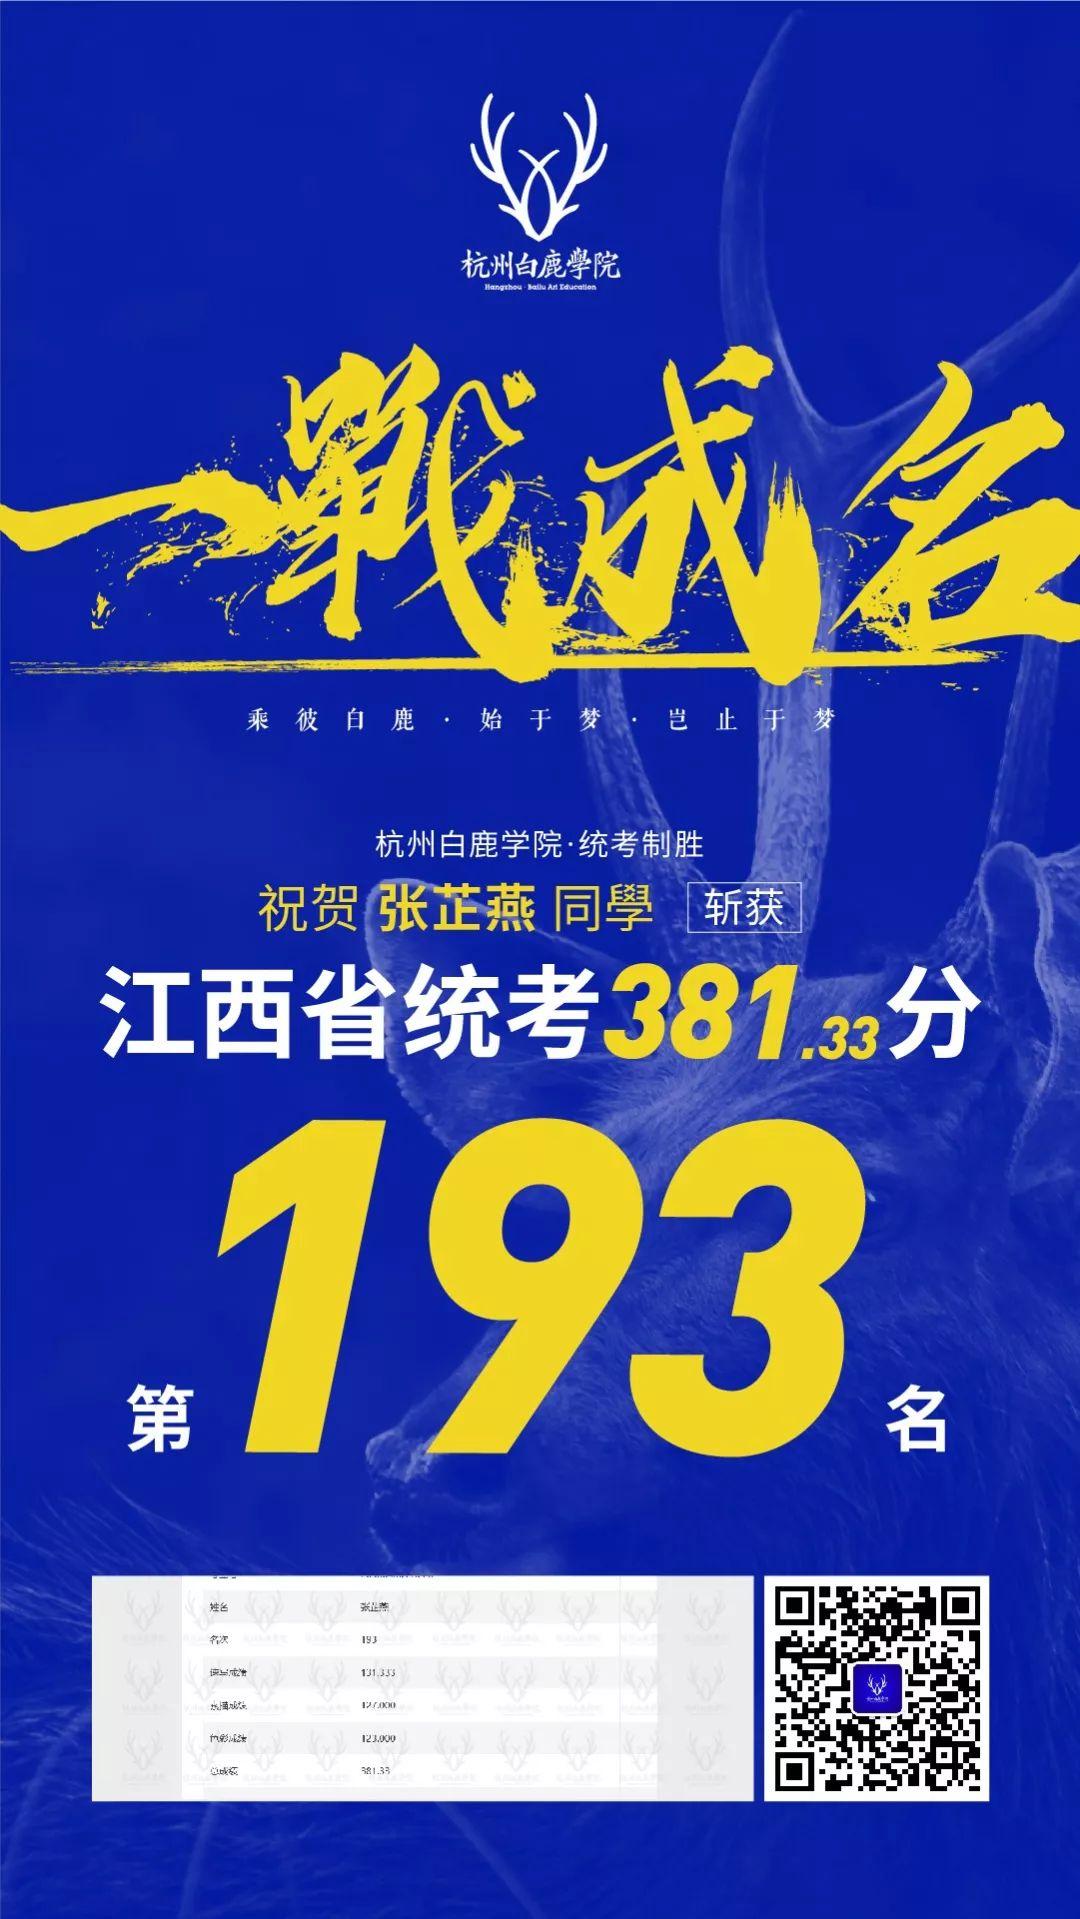 杭州画室,杭州美术培训,杭州联考美术培训,11